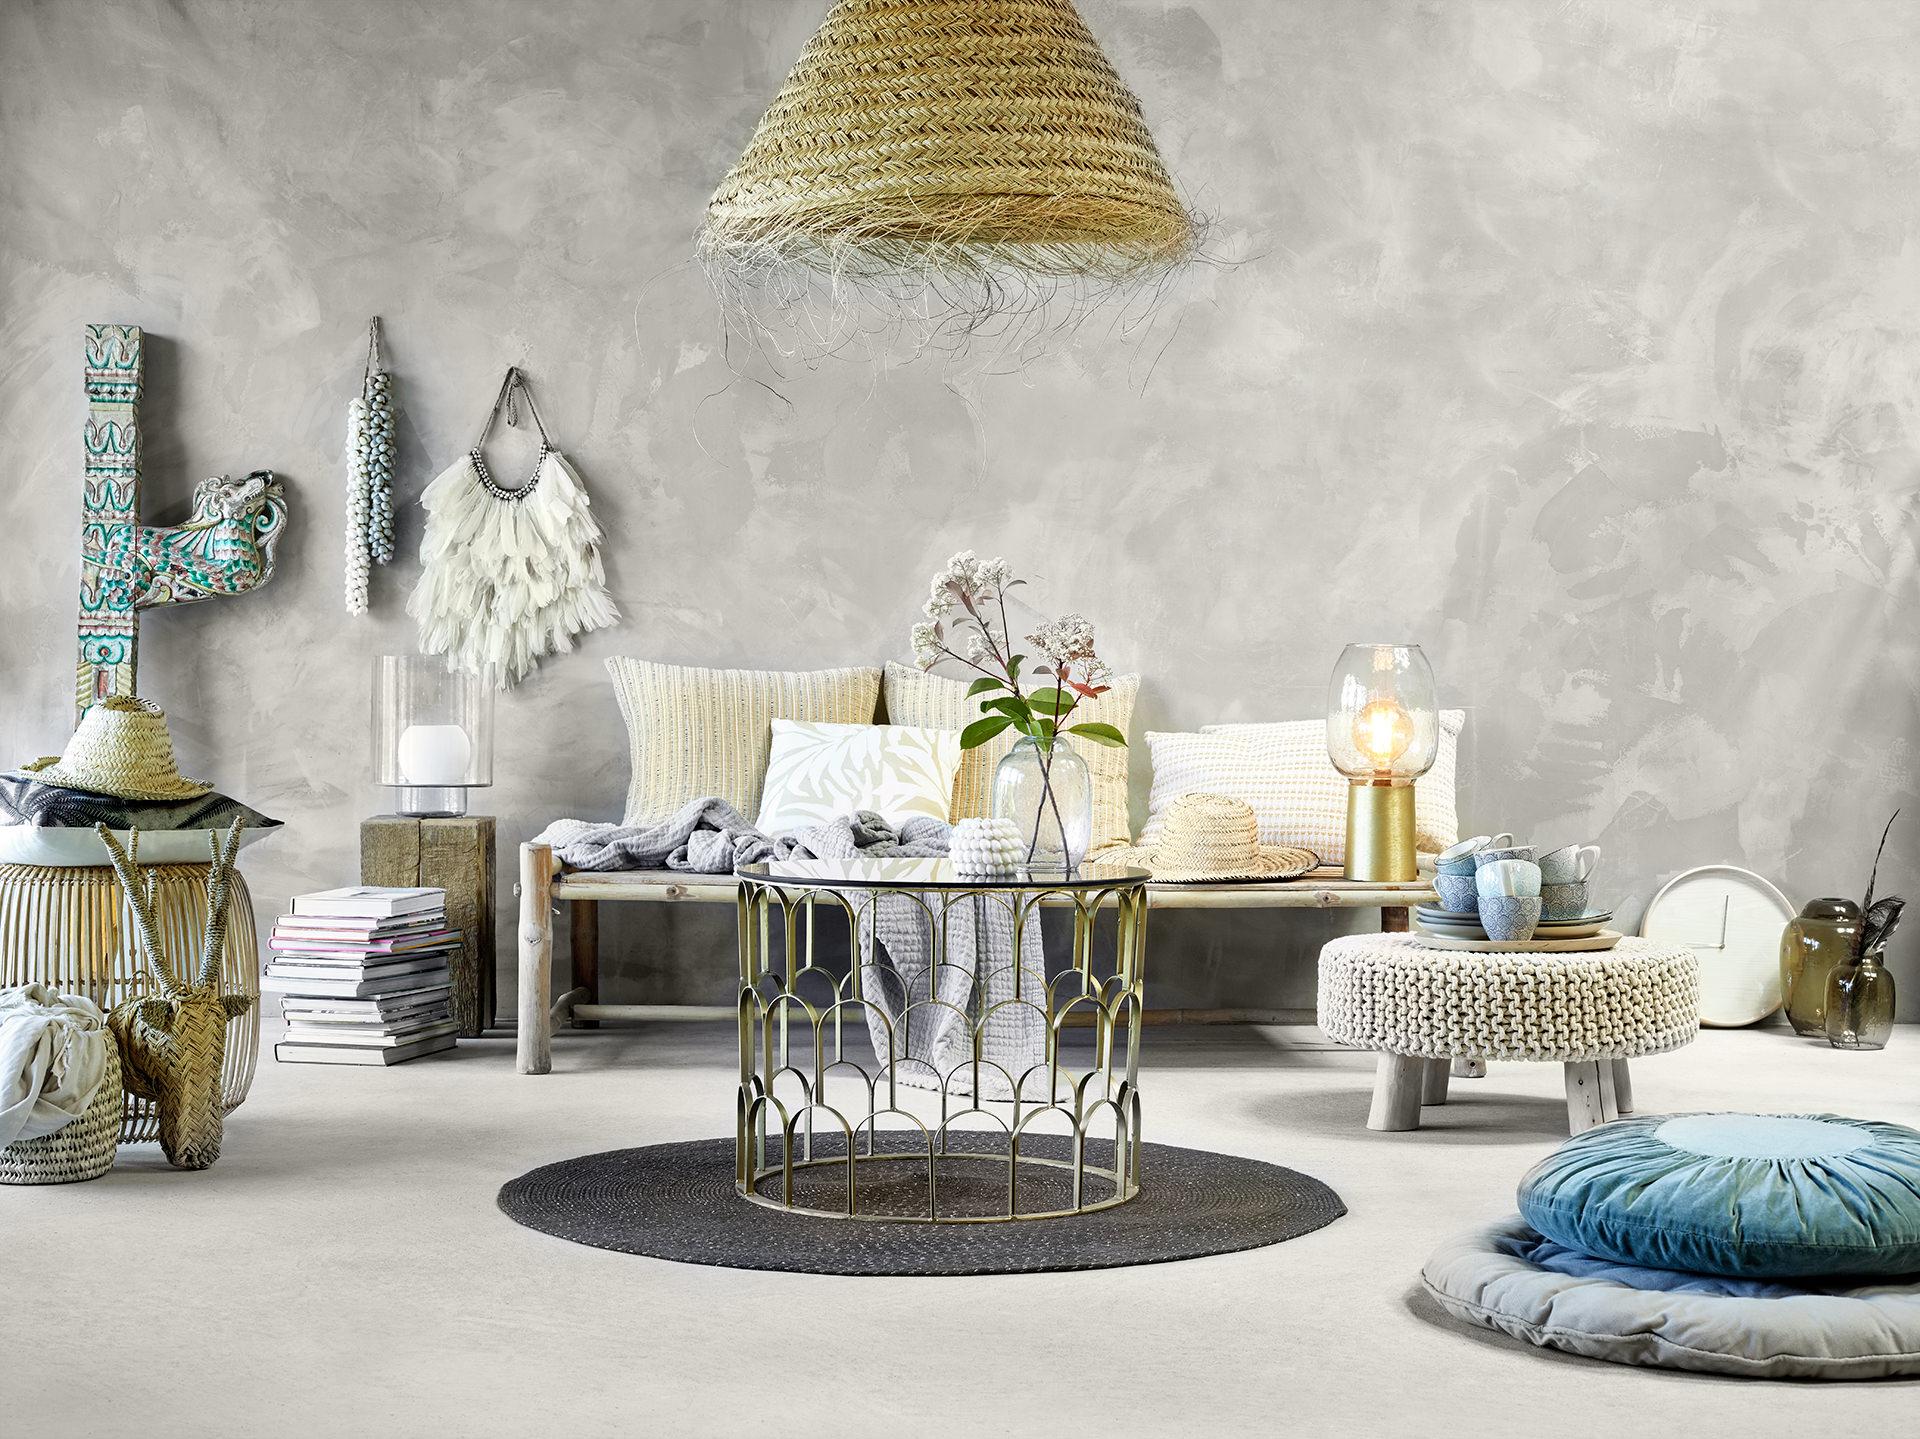 wohnzimmer-kreativitaet-interior-design-stil